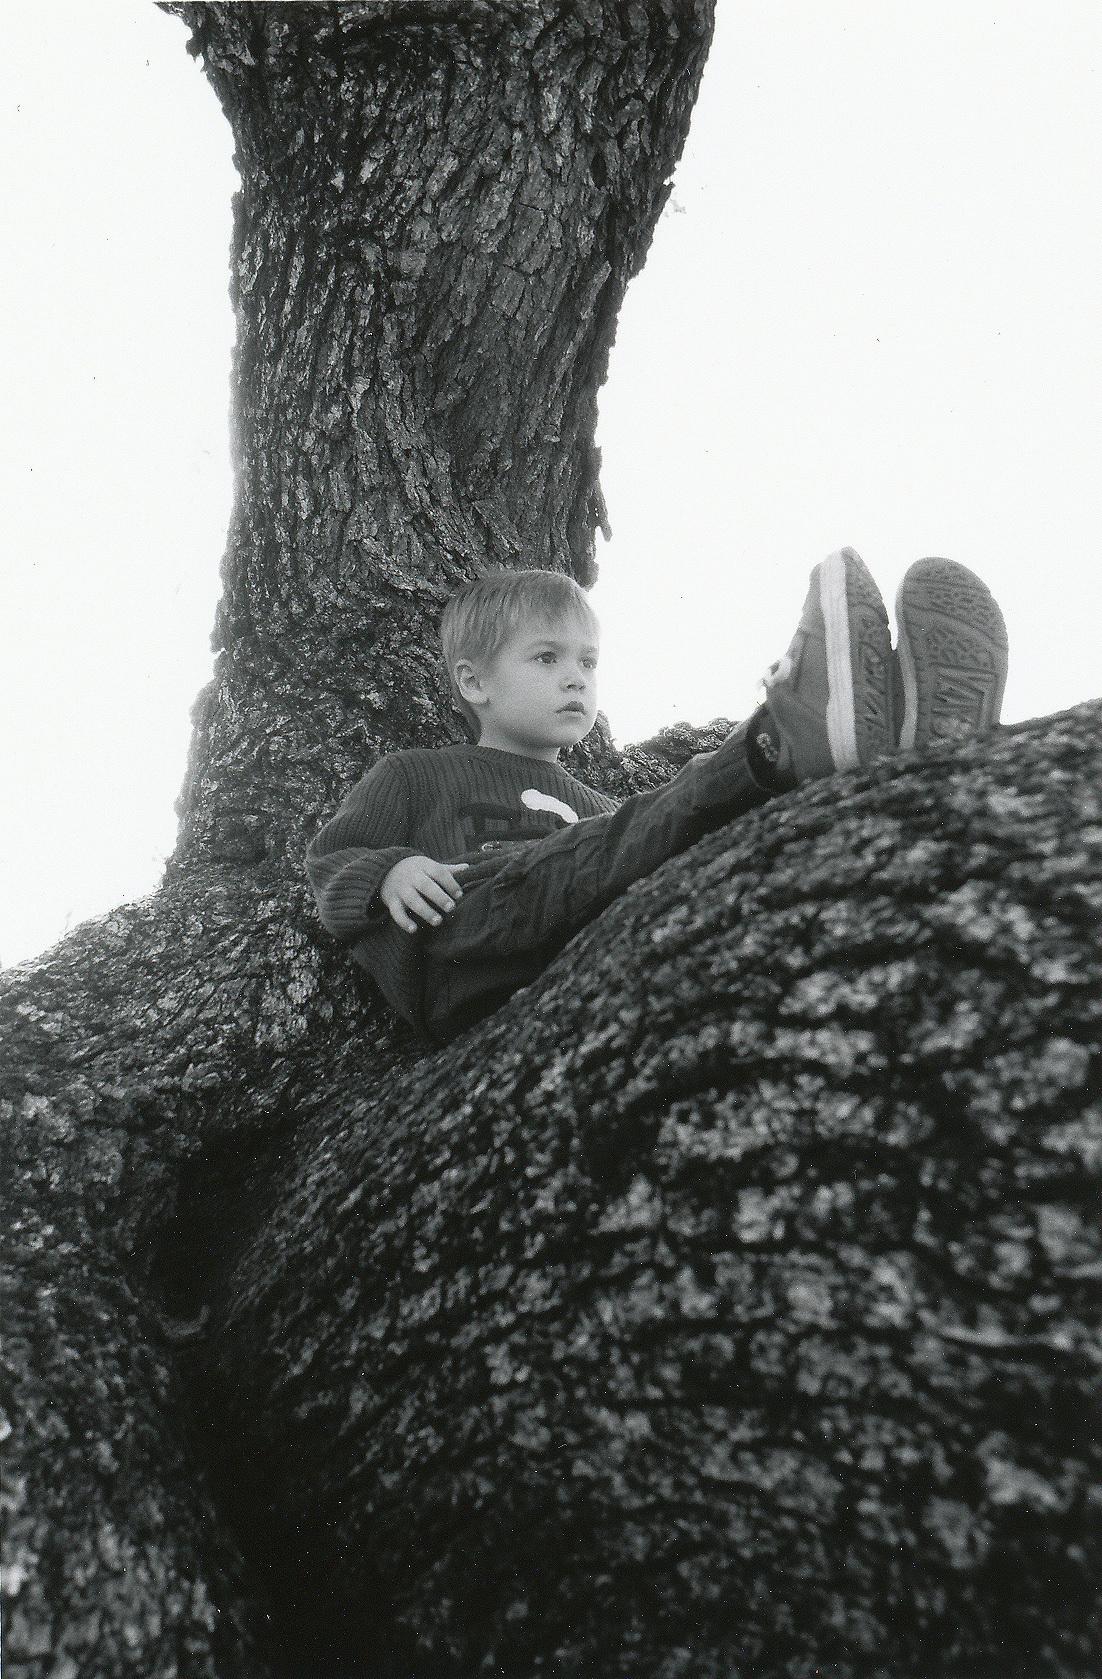 Boy Sitting on a Tree